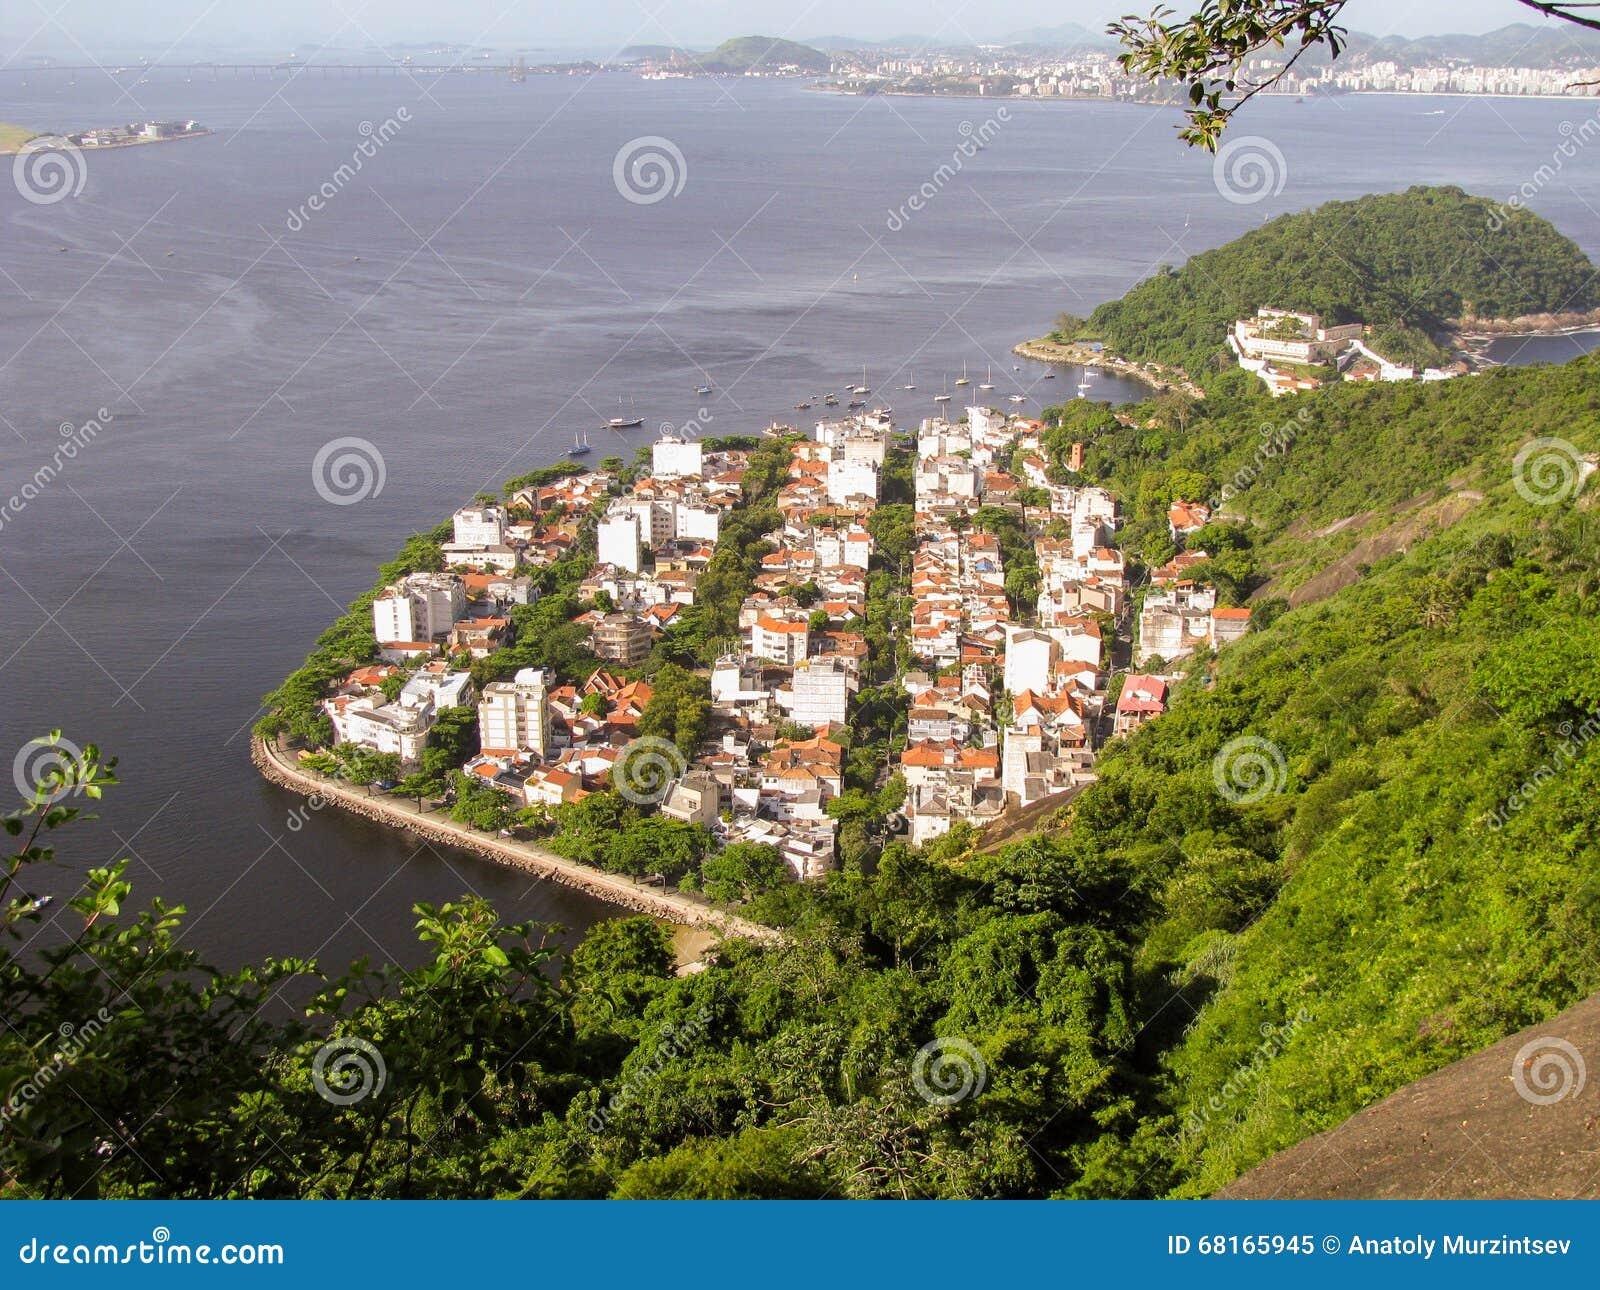 Spectacular panorama and aerial city view of Rio de Janeiro